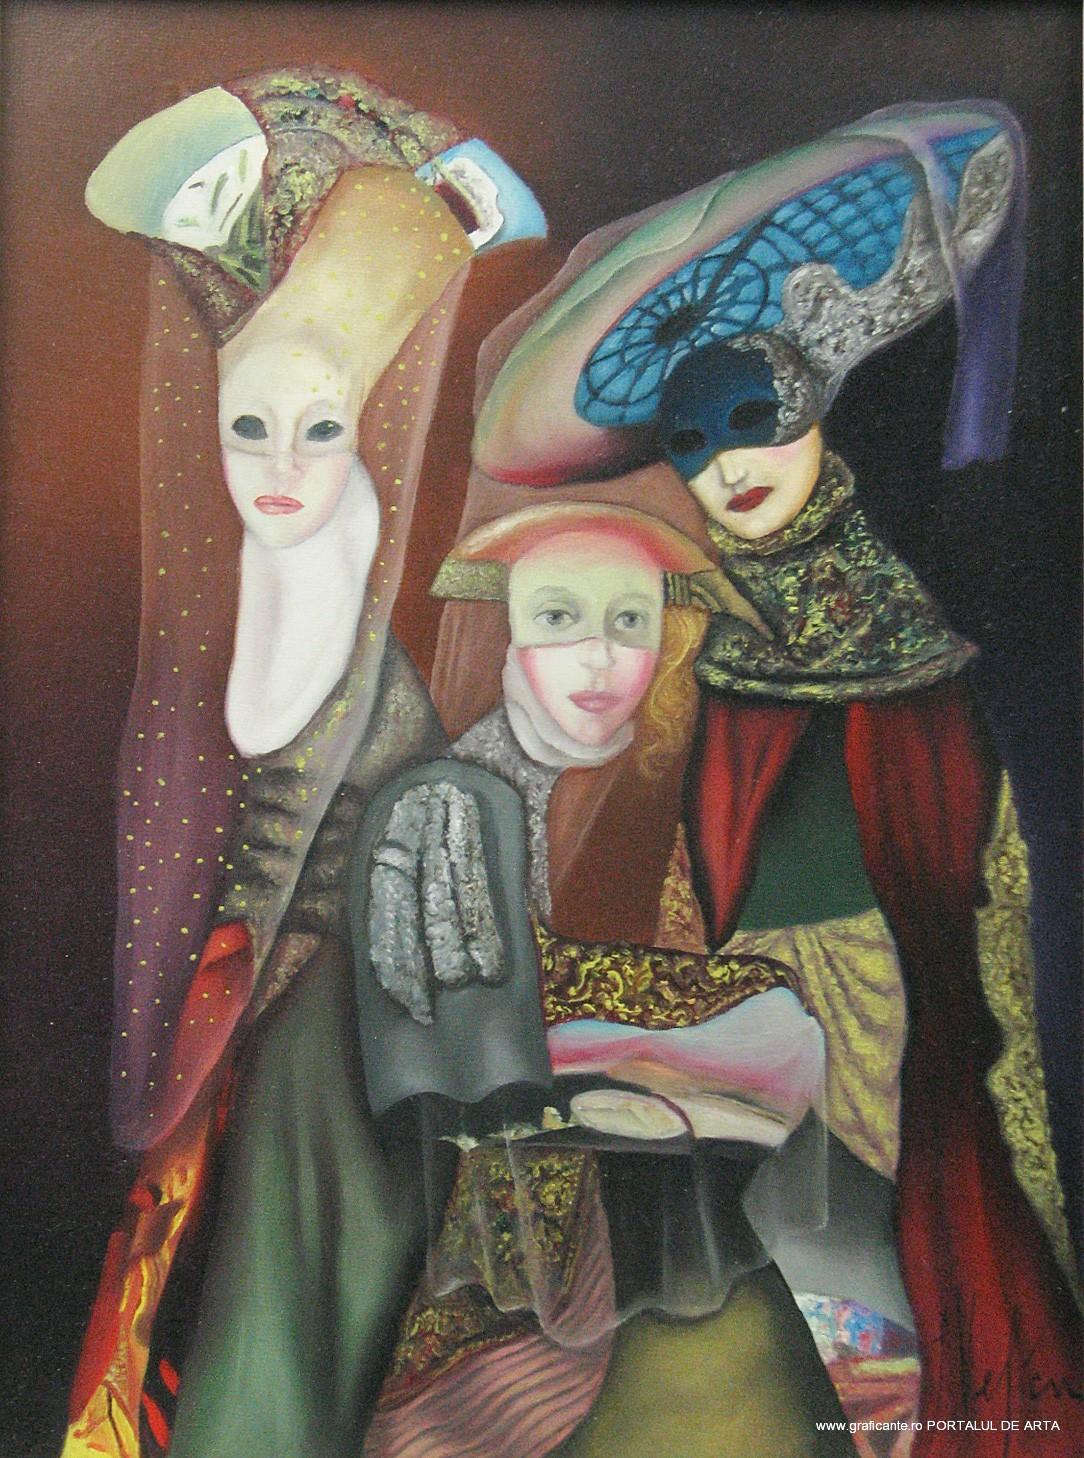 Petre Velicu, Trio la venetia, adjudecat: 11.000 lei, Alis, 2013, (c)alis.ro